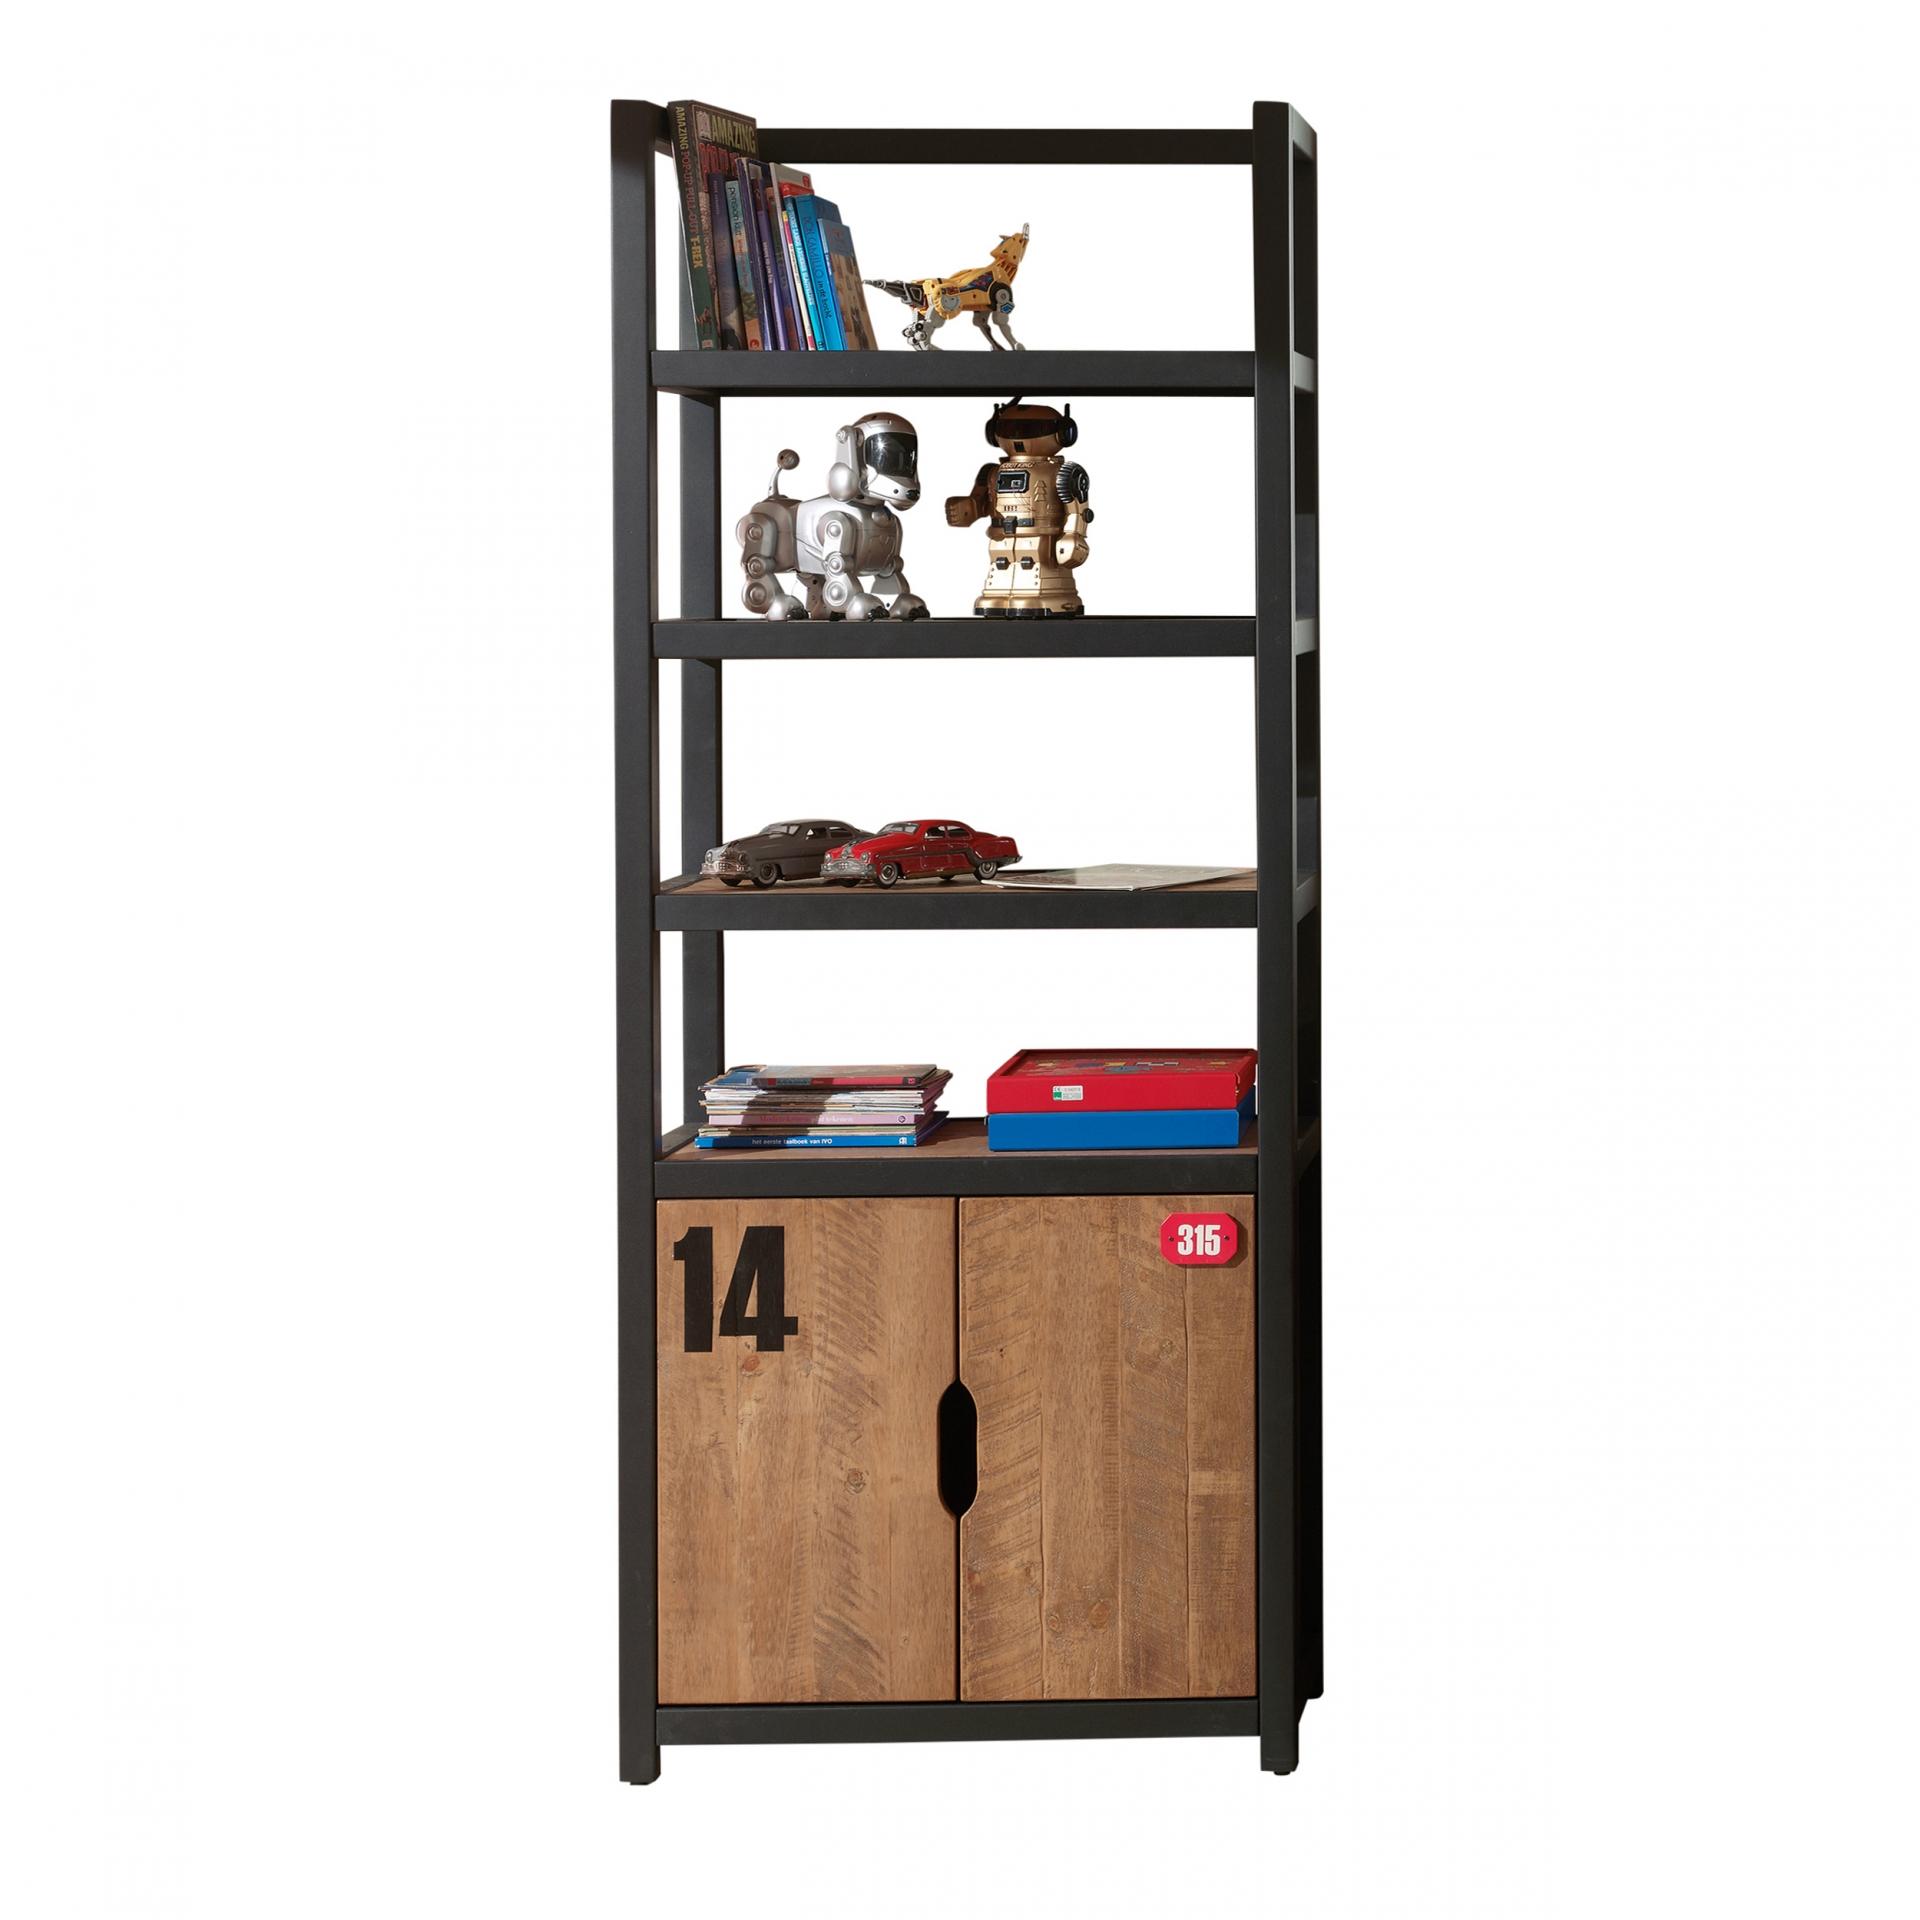 Vipack Alex complete kinderkamer 3 delige - Kinderkamers - Online ...